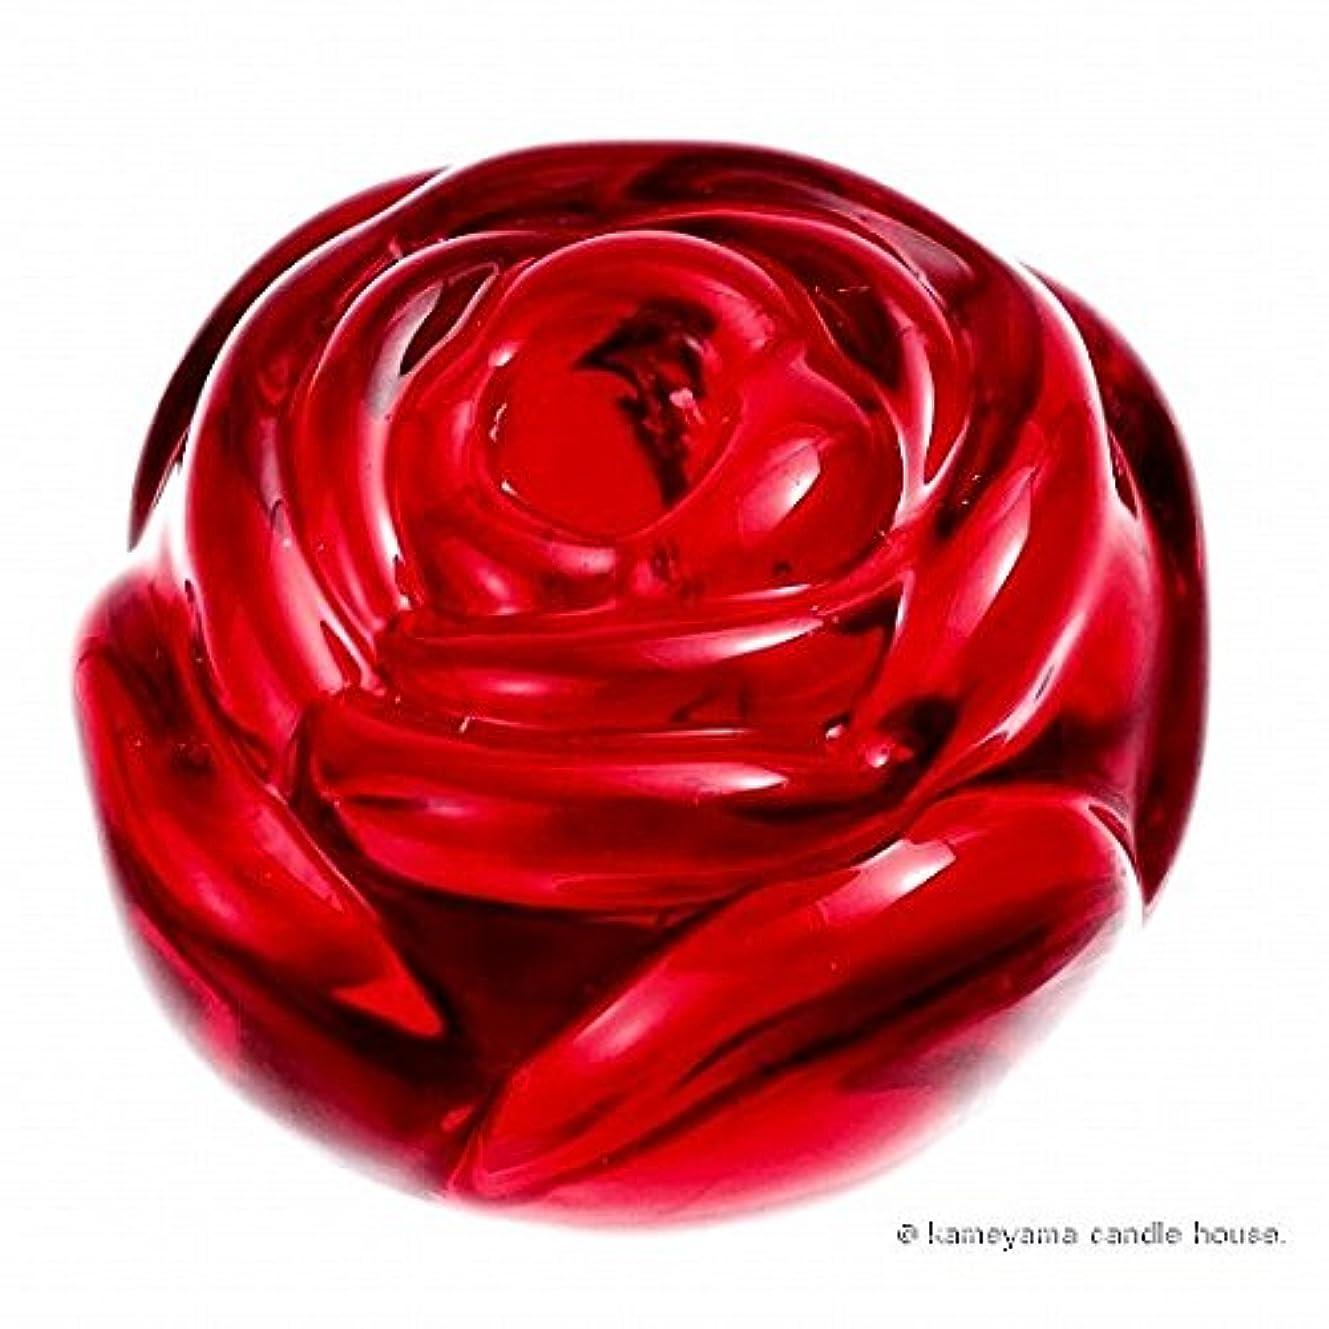 繰り返す回る住所kameyama candle(カメヤマキャンドル) ローズパーティーテーパーホルダー 「 レッド 」(J5330000R)